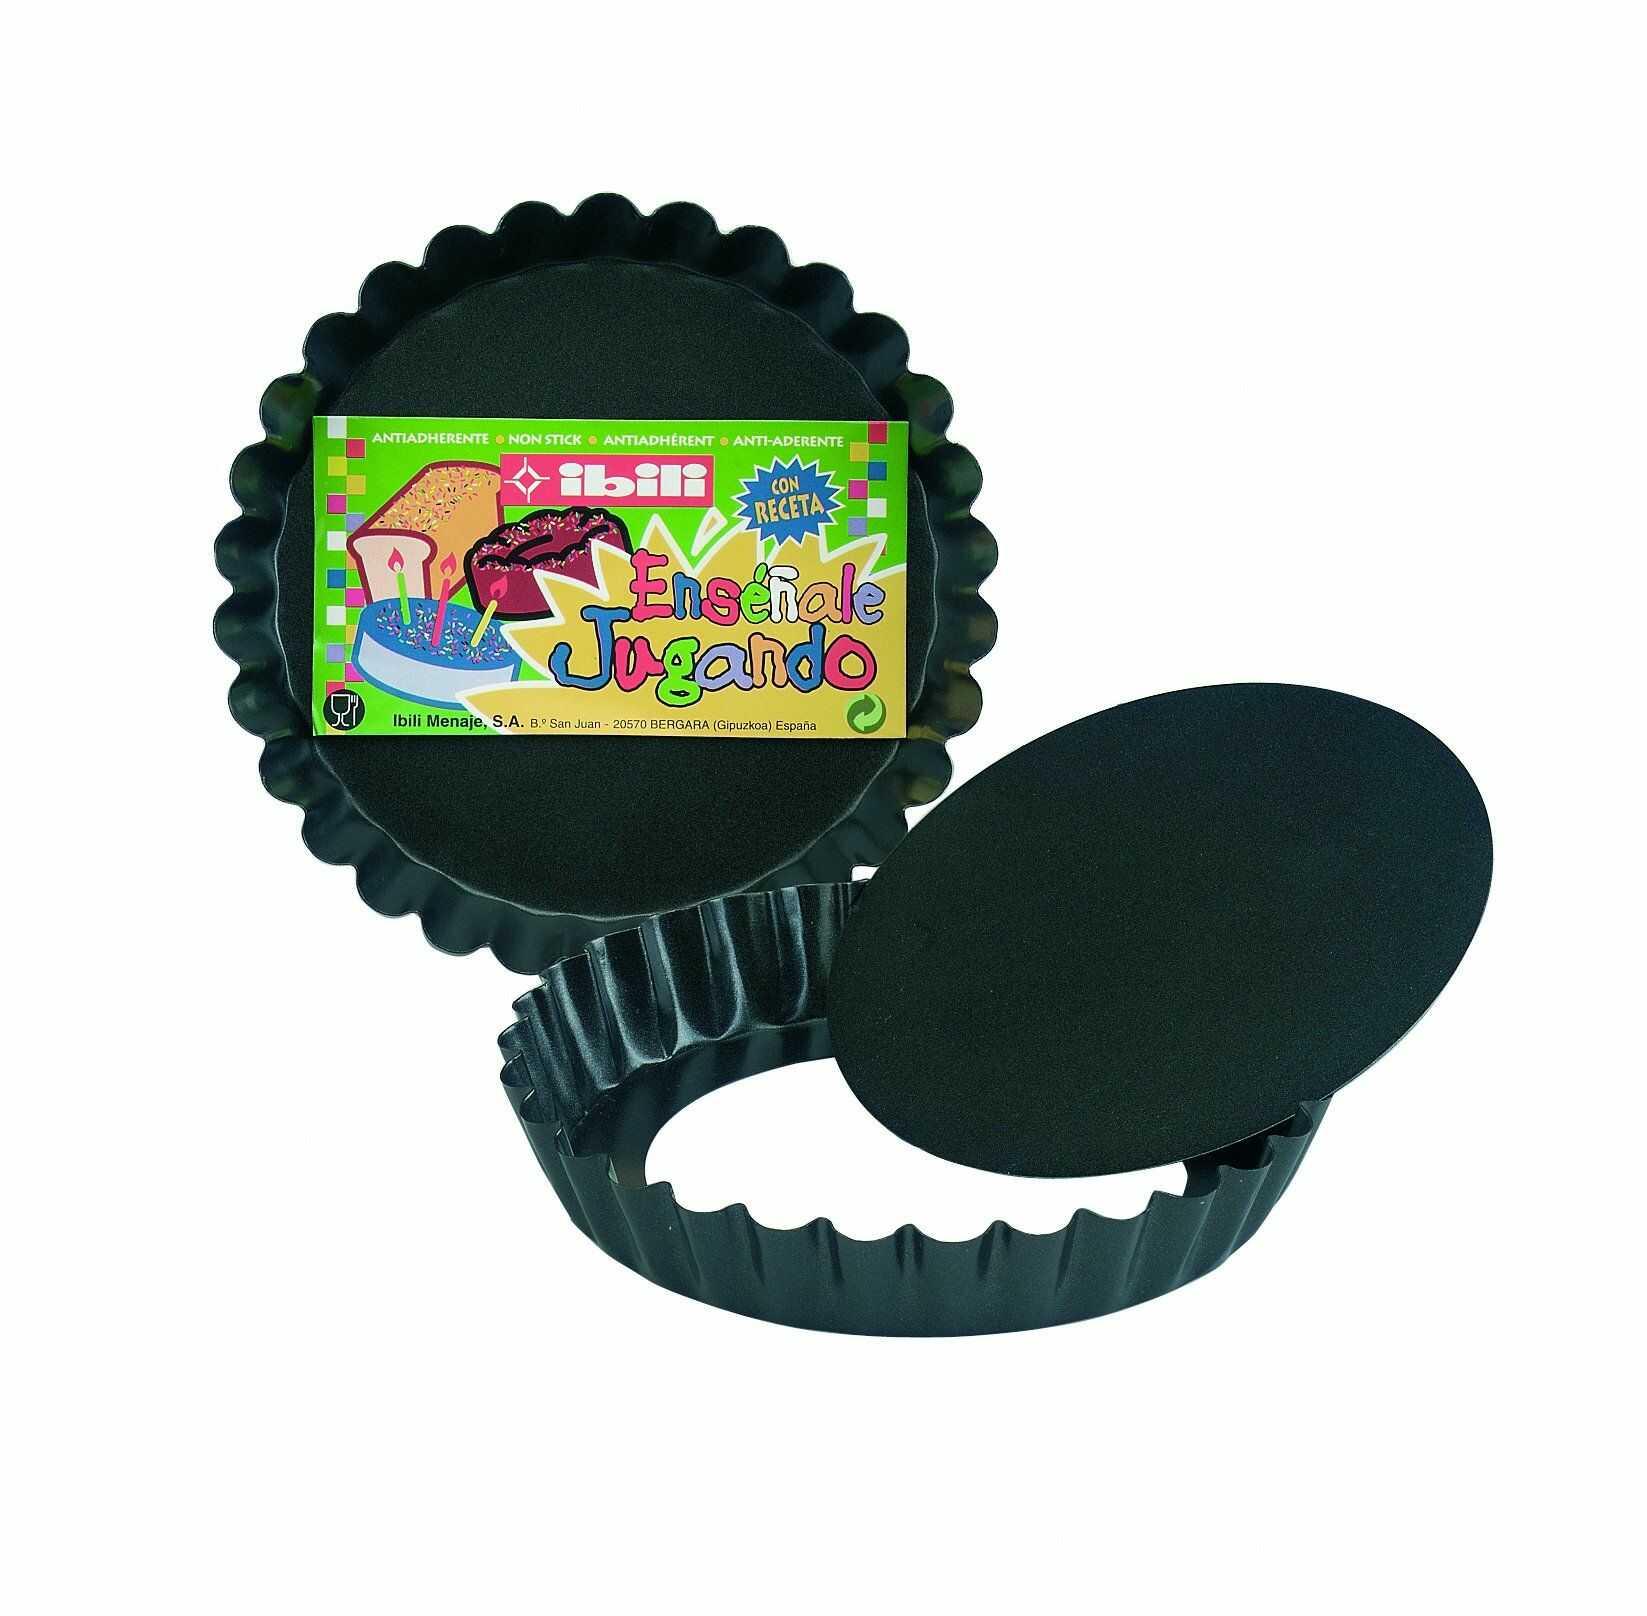 Ibili Moka zestaw foremek do quiche 12 cm, blacha stalowa, czarna, 12 x 12 x 2 cm